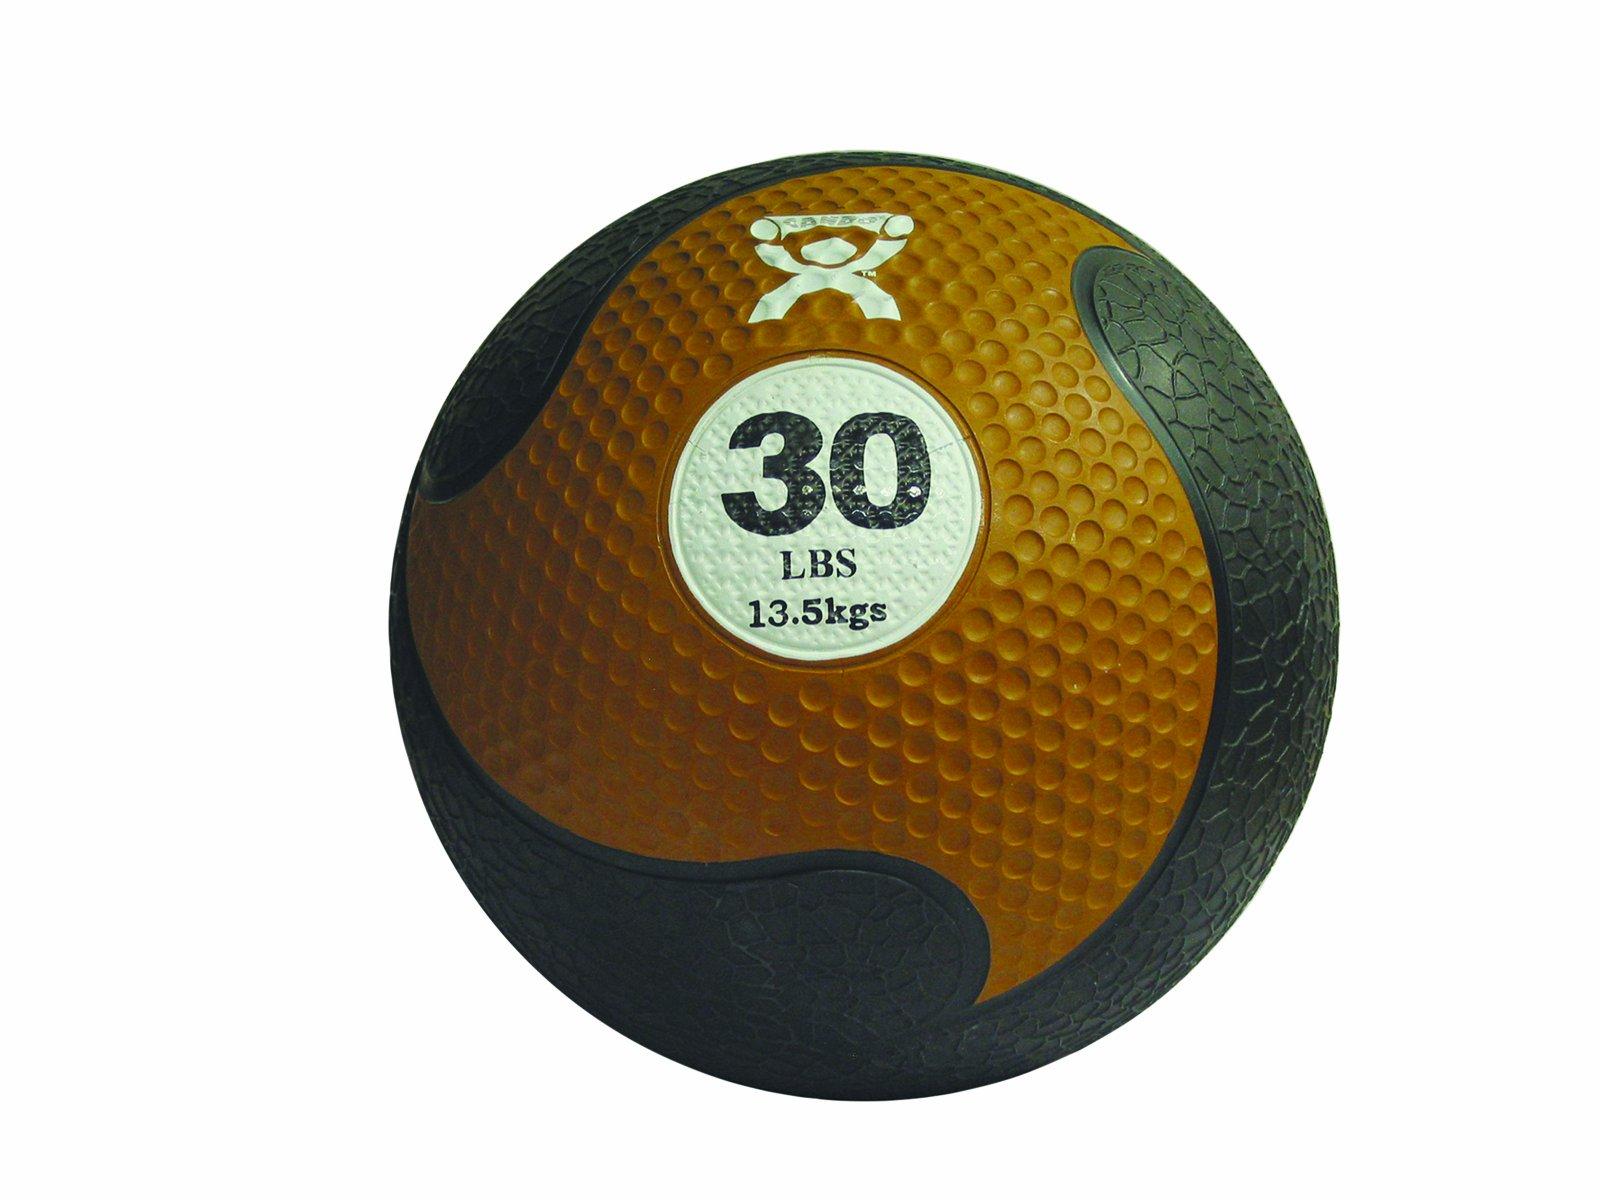 CanDo Rubber Medicine Ball